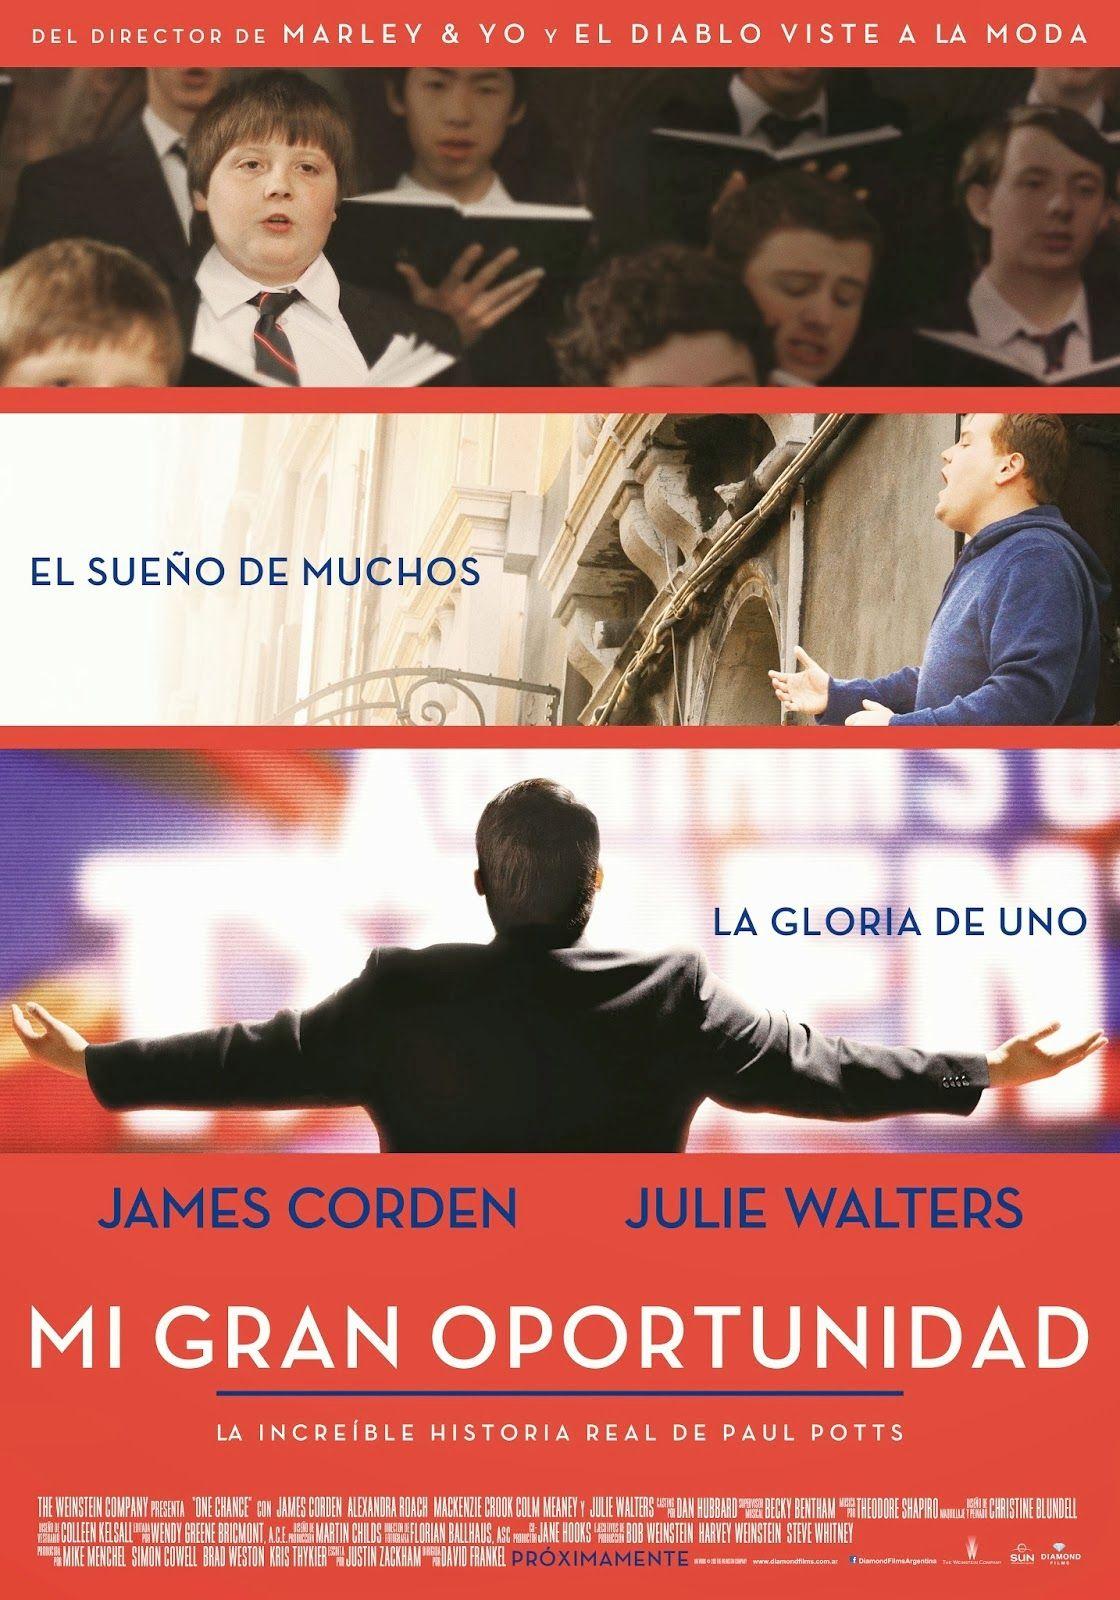 World unickShak: MI GRAN OPORTUNIDAD - cine MÉXICO Estreno: 24 de Julio de 2014